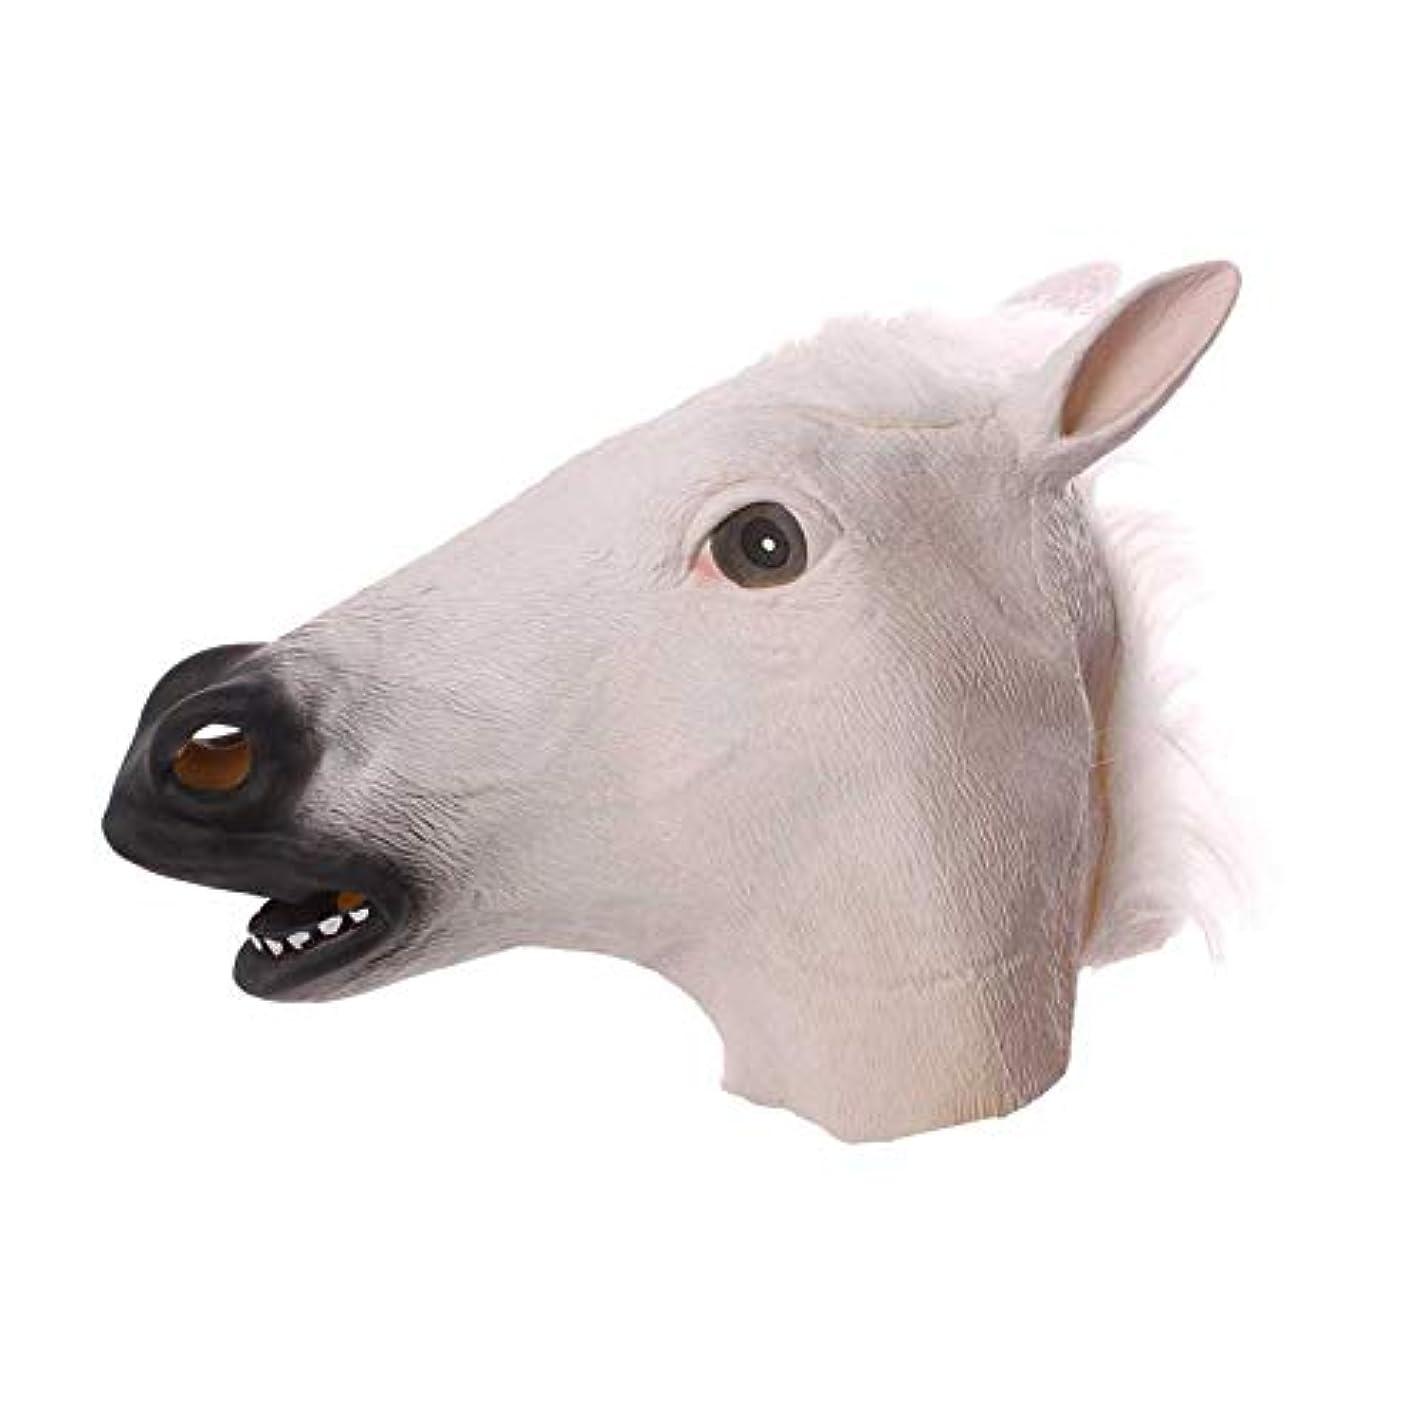 スノーケル聴衆シーフード馬の頭の仮面舞踏会おかしい面白いハロウィーンの馬の頭のマスクのかつら,白